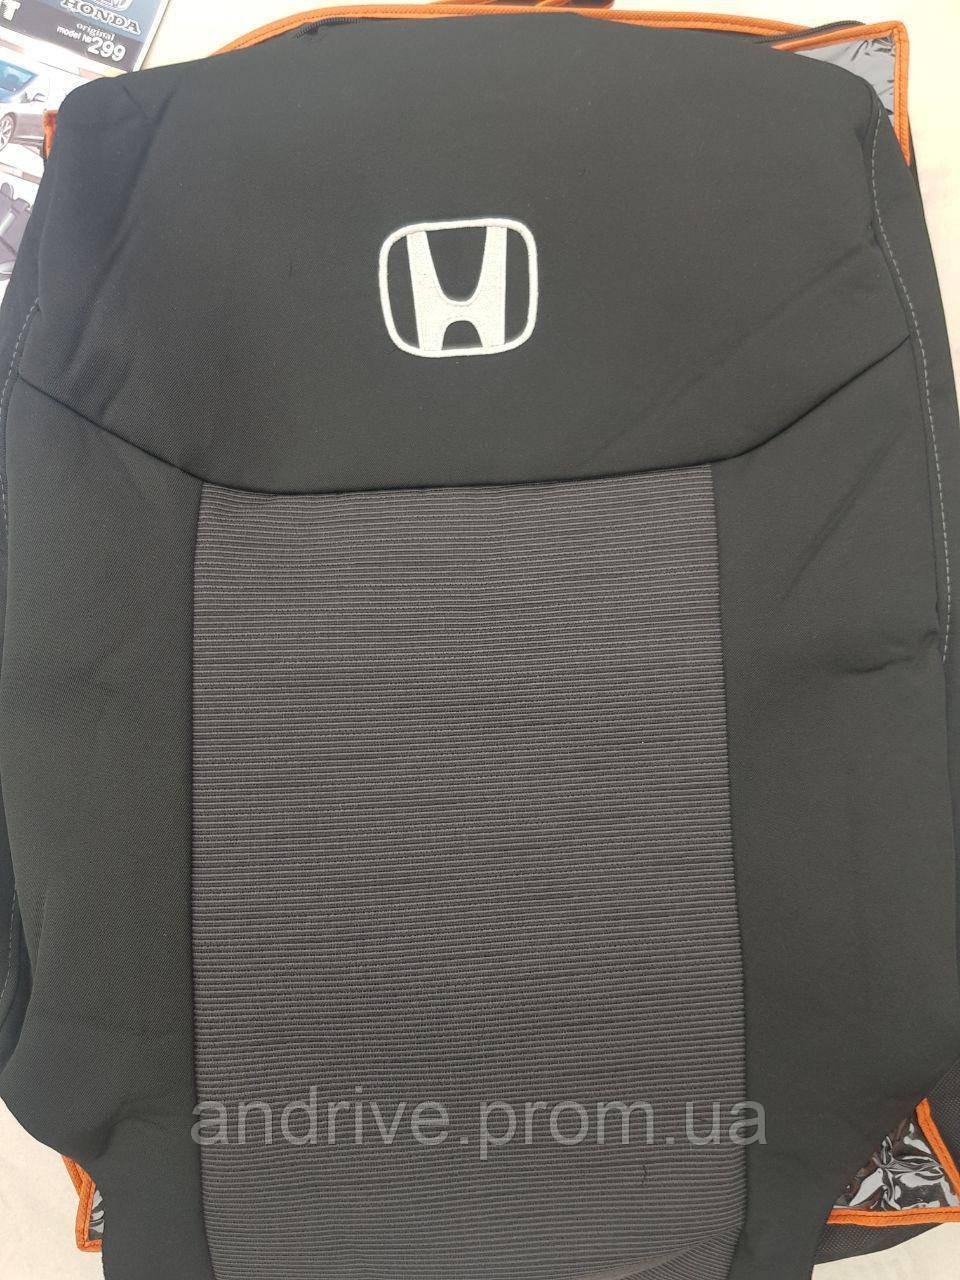 Авточехлы Honda Civic Sedan 2006-2011 г